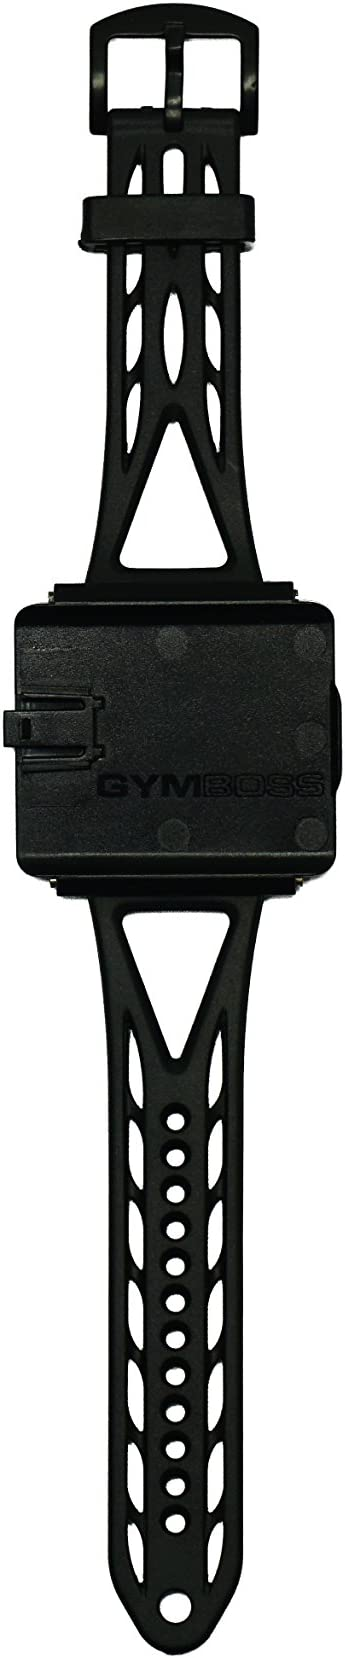 Gymboss Chronom/ètre et Minuteur Plus